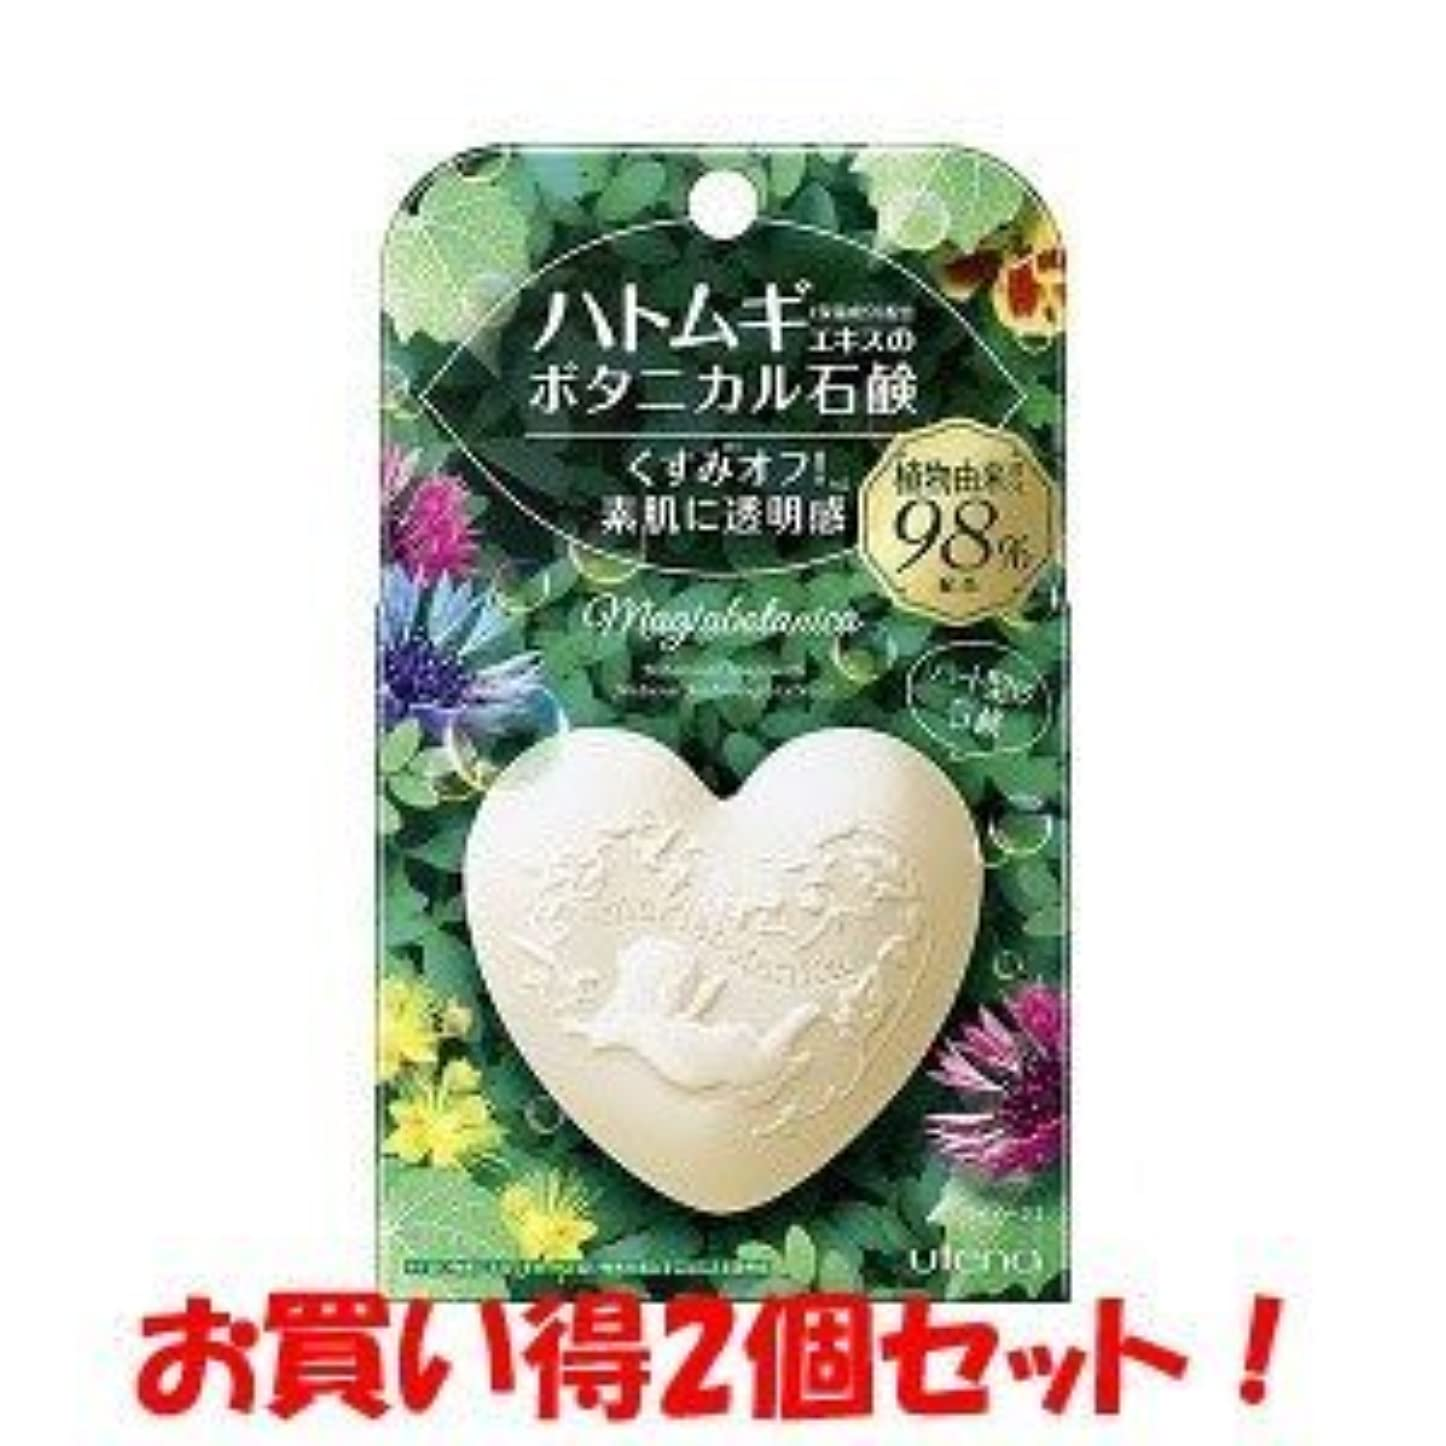 できないの配列力(ウテナ)マジアボタニカ ボタニカル石鹸 100g(お買い得2個セット)